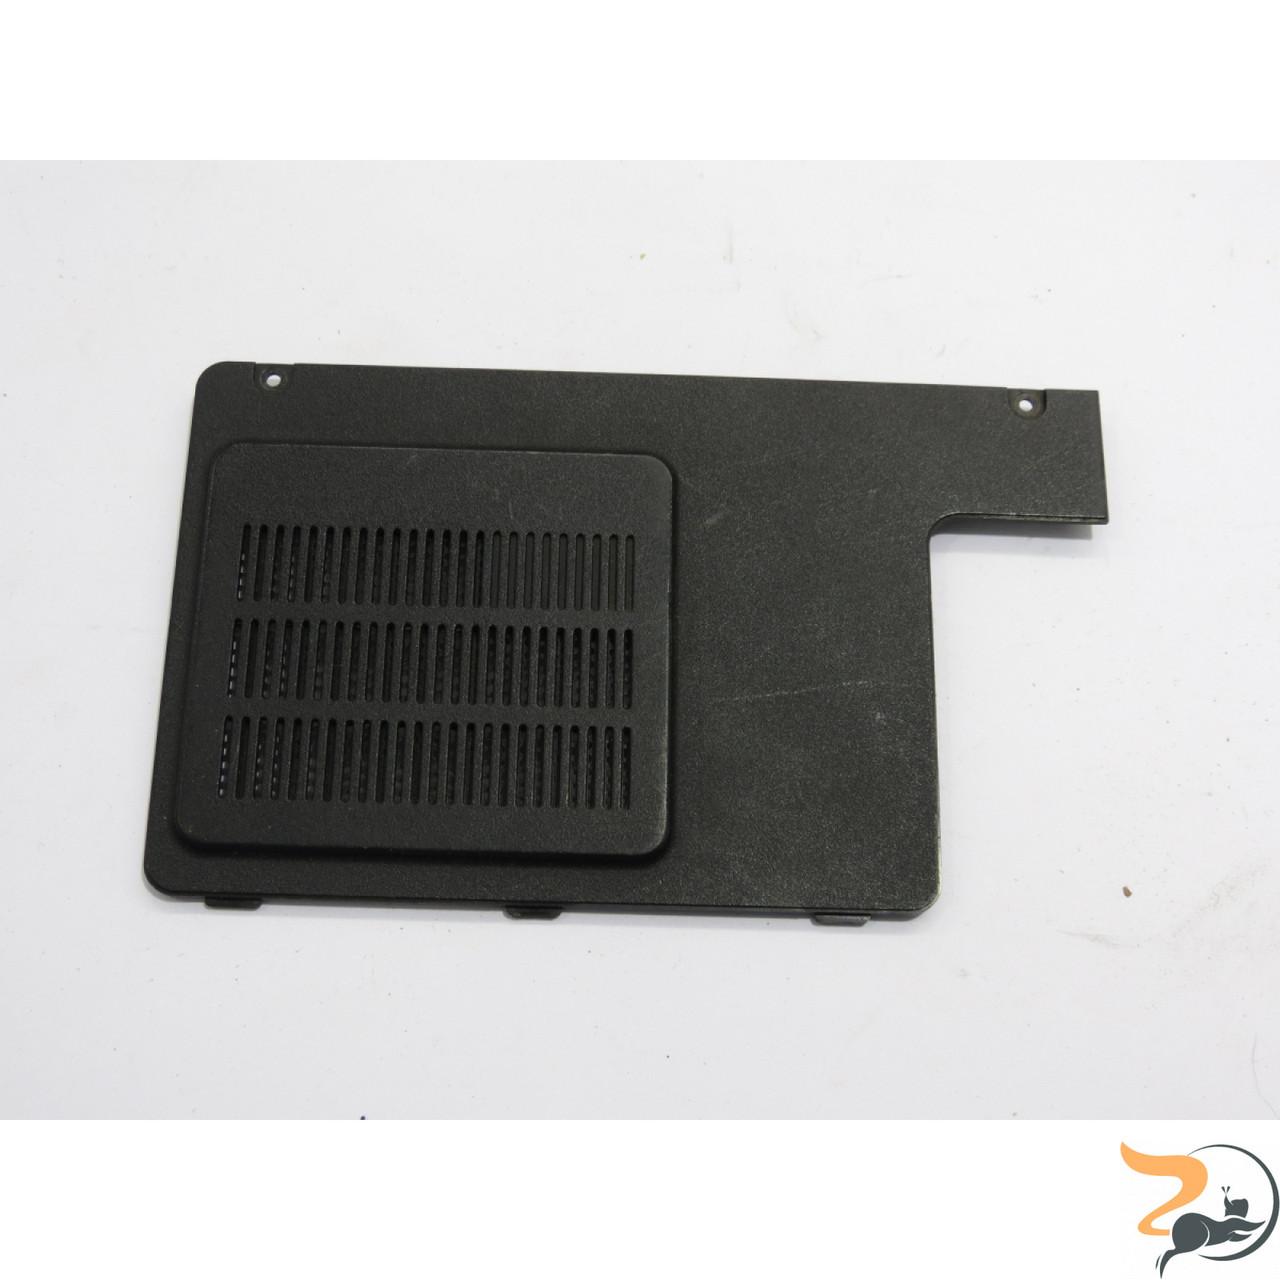 Сервісна кришка для ноутбука Asus A7U, 13GNG37AP022-1, Б/В